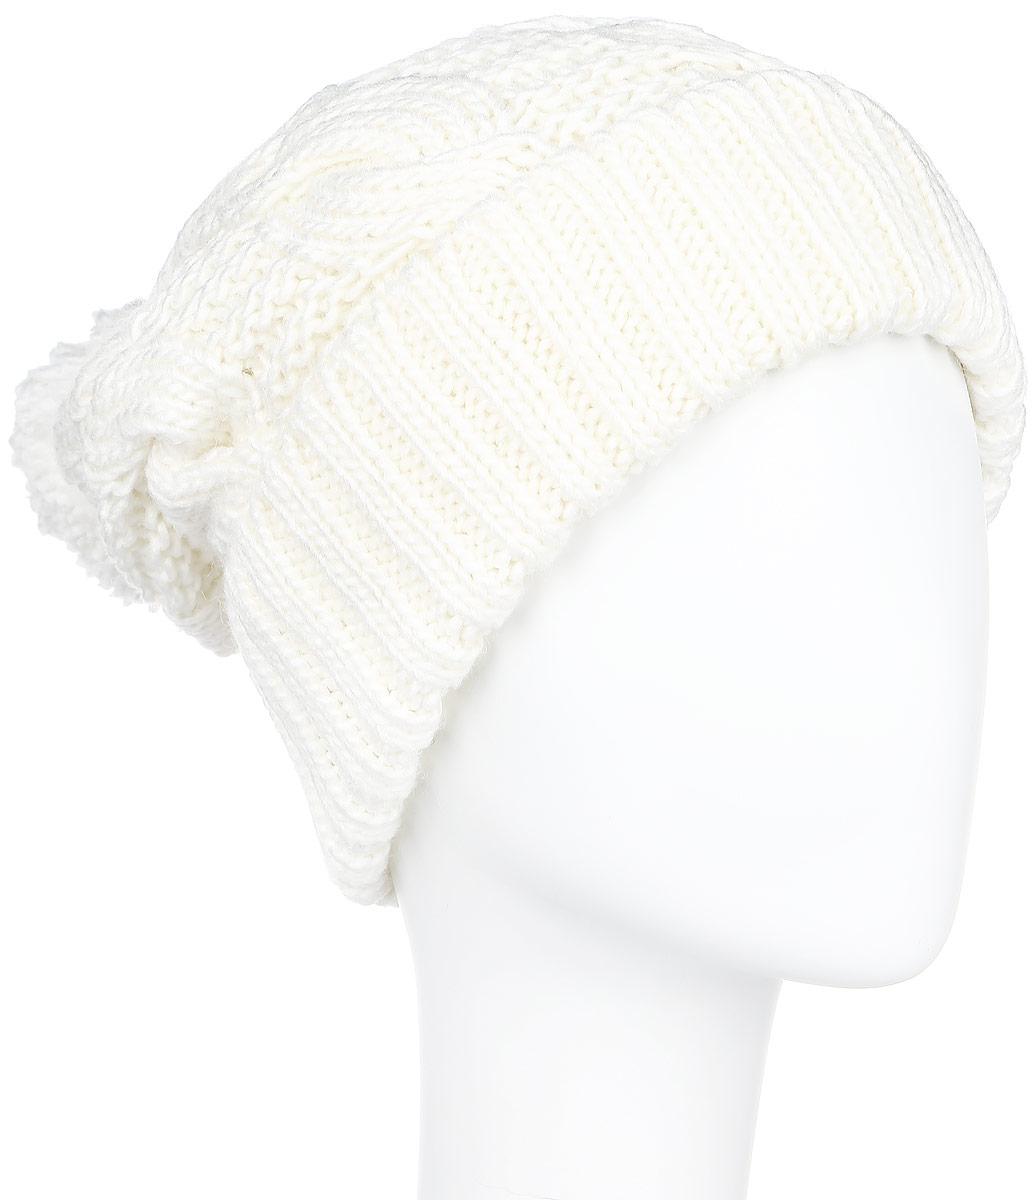 ШапкаA16-32124_201Стильная женская шапка Finn Flare дополнит ваш наряд и не позволит вам замерзнуть в холодное время года. Шапка выполнена из высококачественной, комбинированной пряжи, что позволяет ей великолепно сохранять тепло и обеспечивает высокую эластичность и удобство посадки. Изделие дополнено теплой флисовой подкладкой. Модель с удлиненной макушкой оформлена оригинальным узором и дополнена пушистым помпоном. Такая шапка станет модным и стильным дополнением вашего гардероба. Она согреет вас и позволит подчеркнуть свою индивидуальность! Уважаемые клиенты! Размер, доступный для заказа, является обхватом головы.